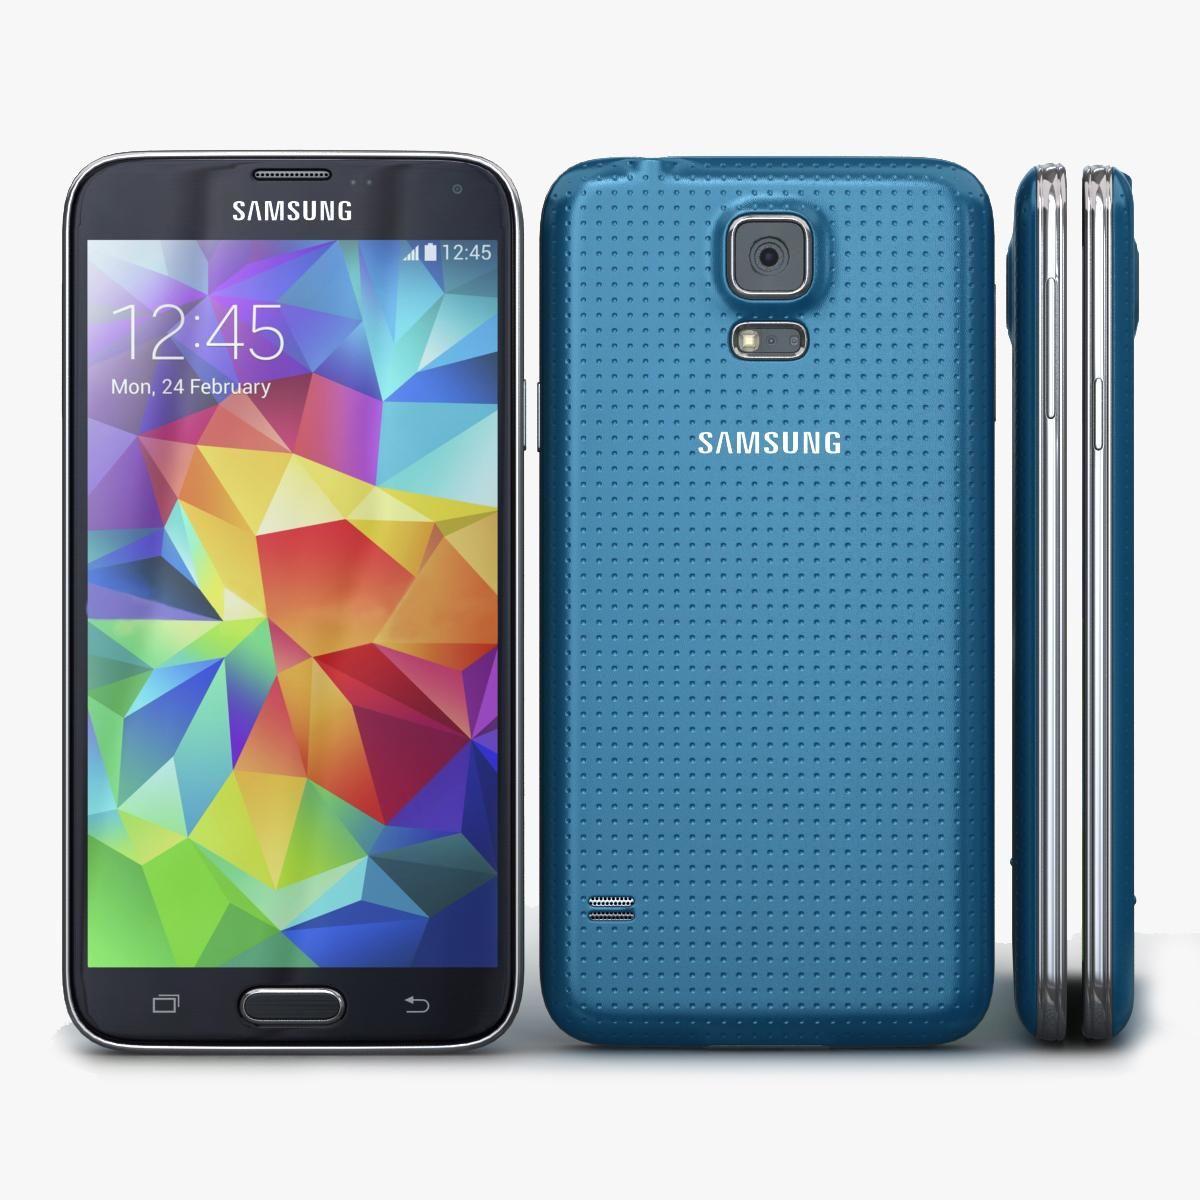 Samsung Galaxy S5 Blue 3D Model AD ,GalaxySamsungModel